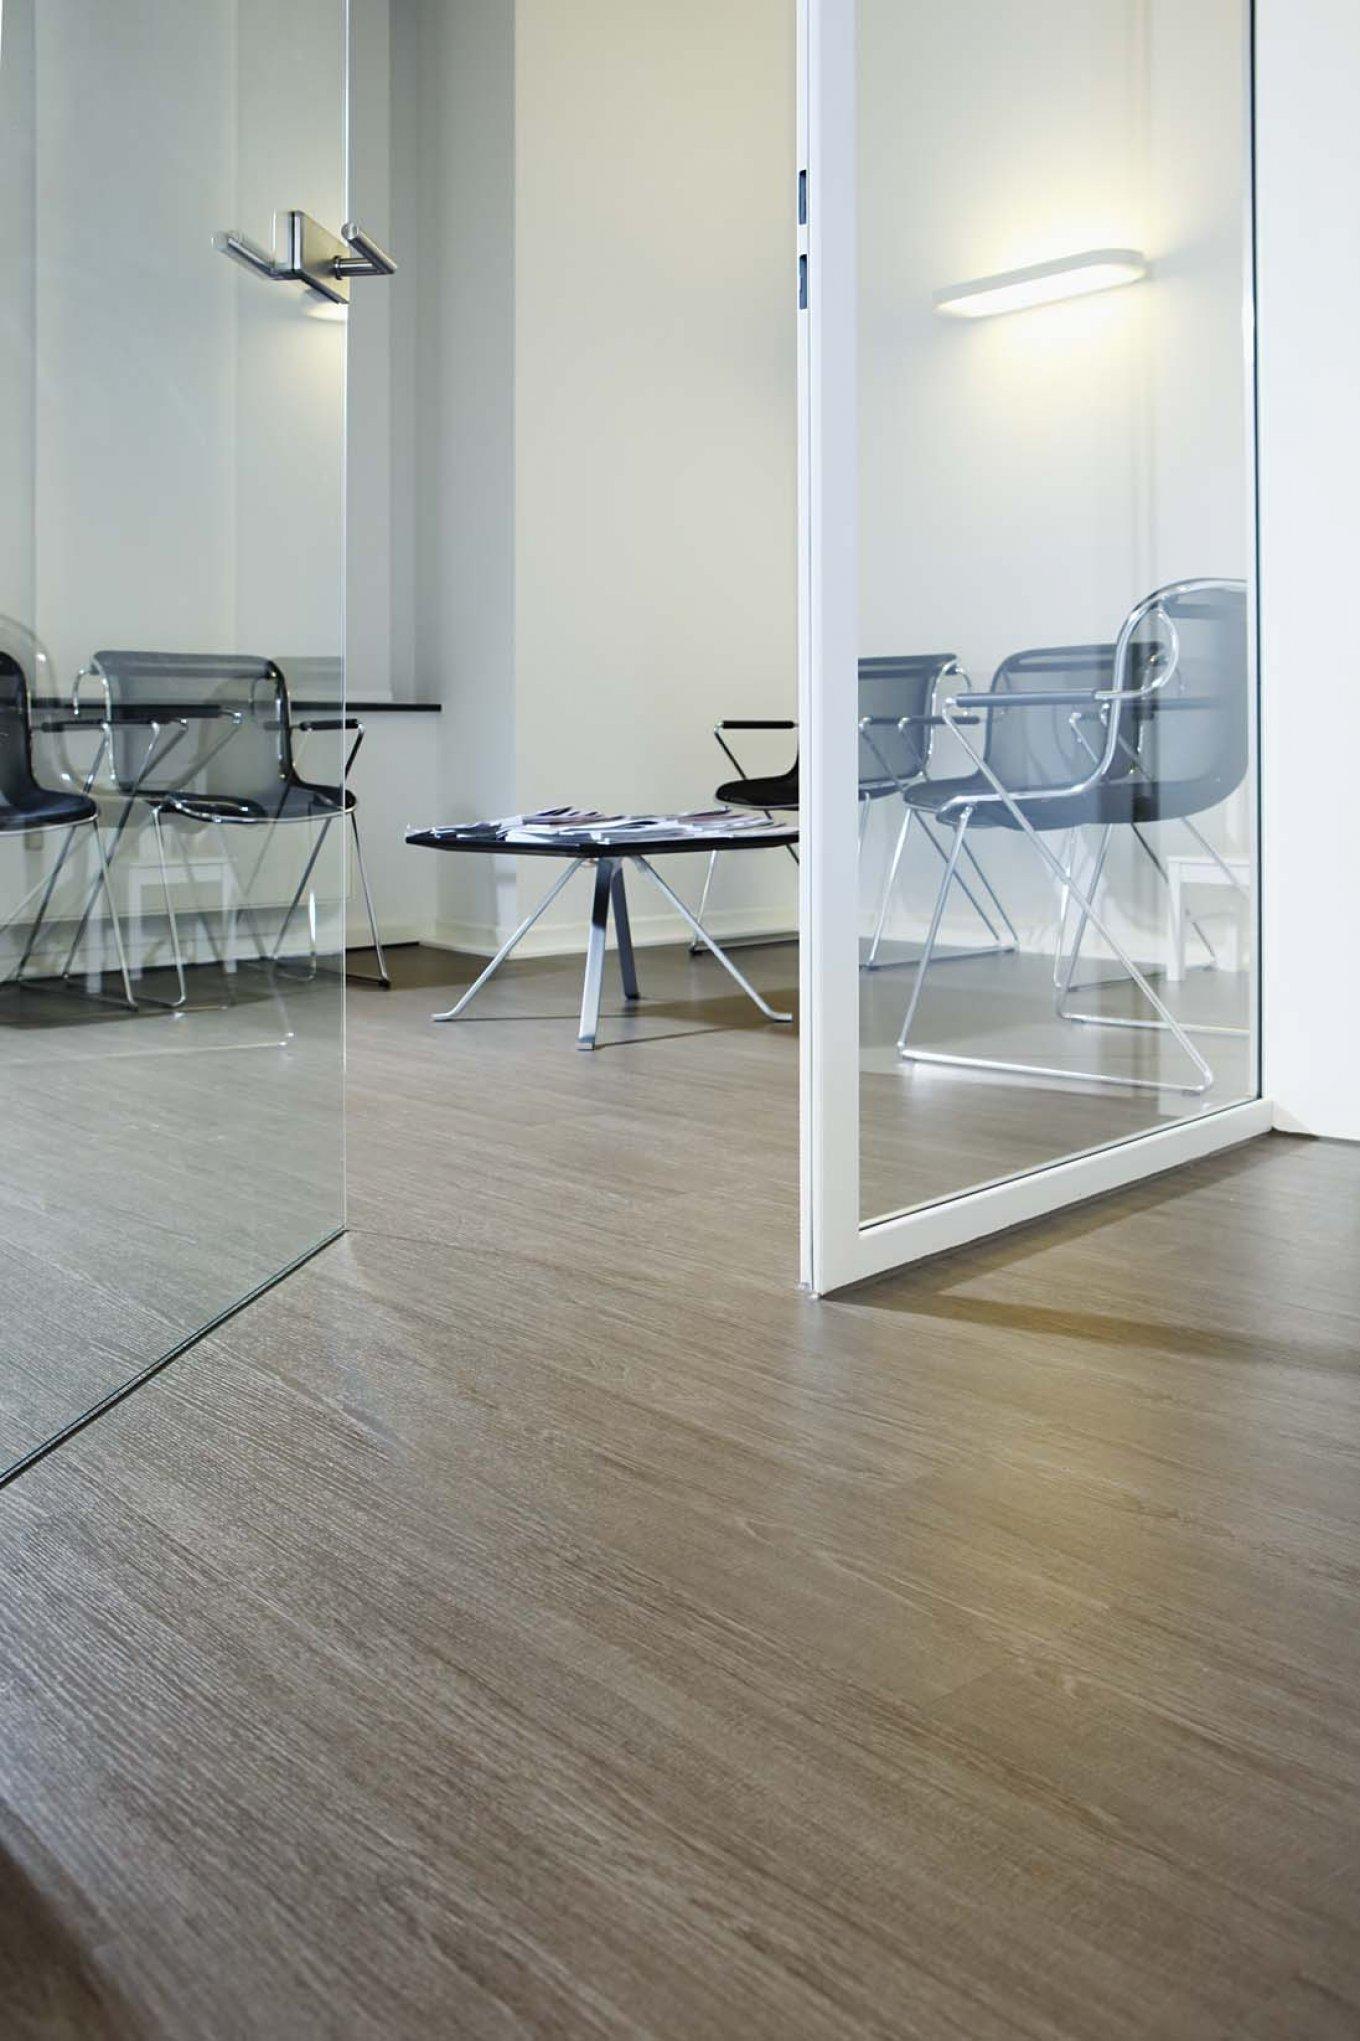 wineo Bodenbelag in Arztpraxis Wartezimmer Holzoptik moderne Einrichtung